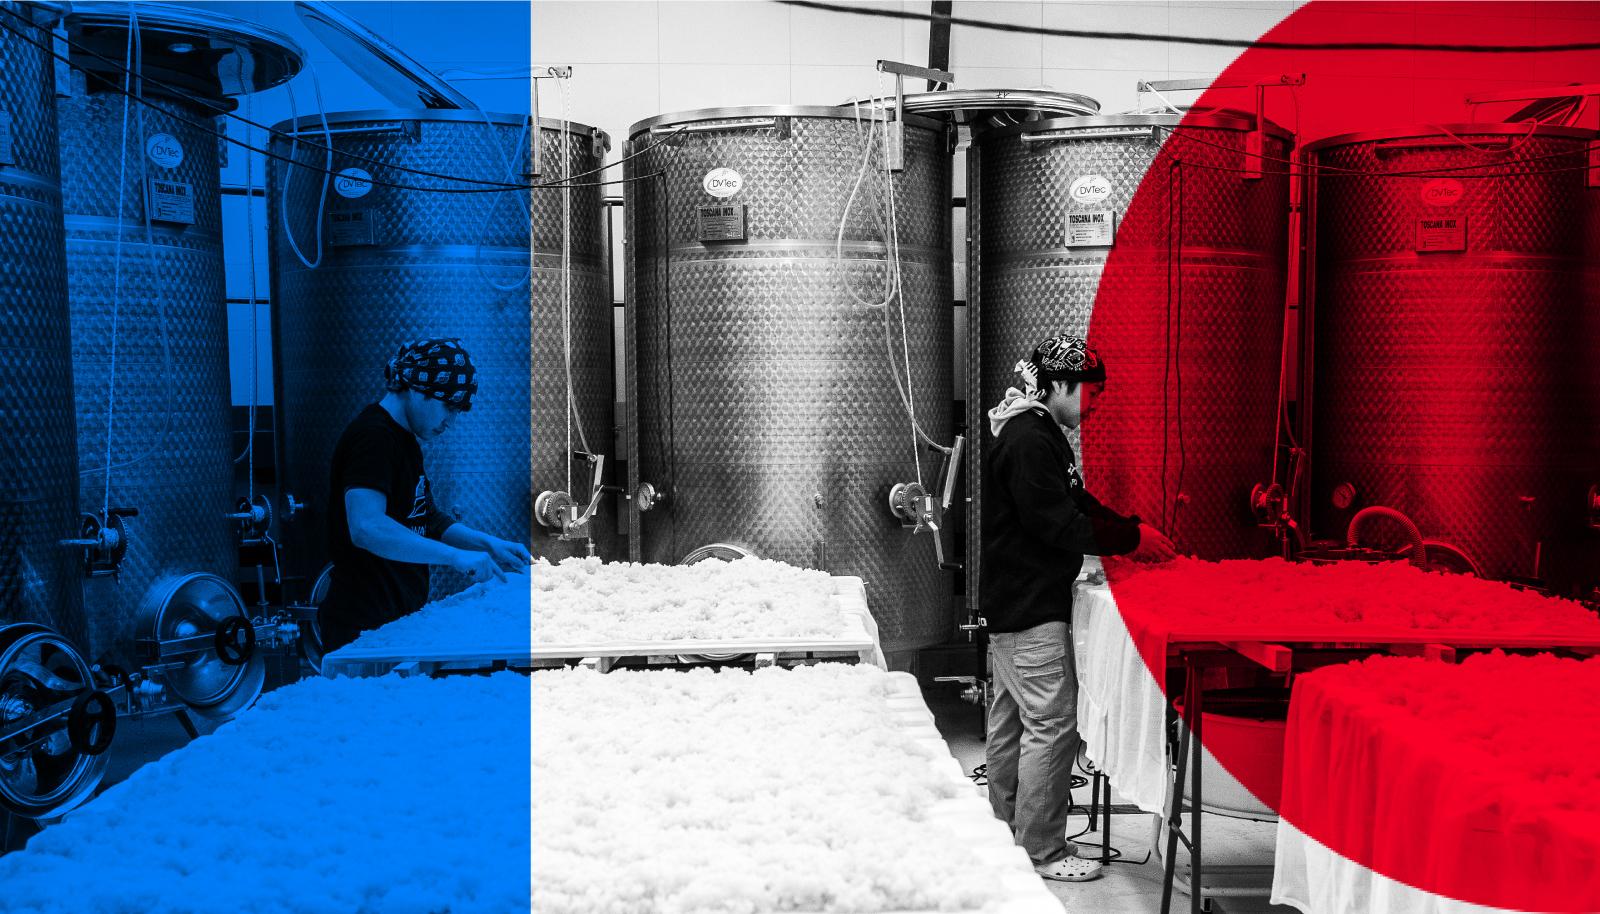 伝統の「干物と清酒セット」なのにアタラシイ!父の日特別「フランス味わう晩酌セット」5月28日発売【日本酒メーカーWAKAZE】